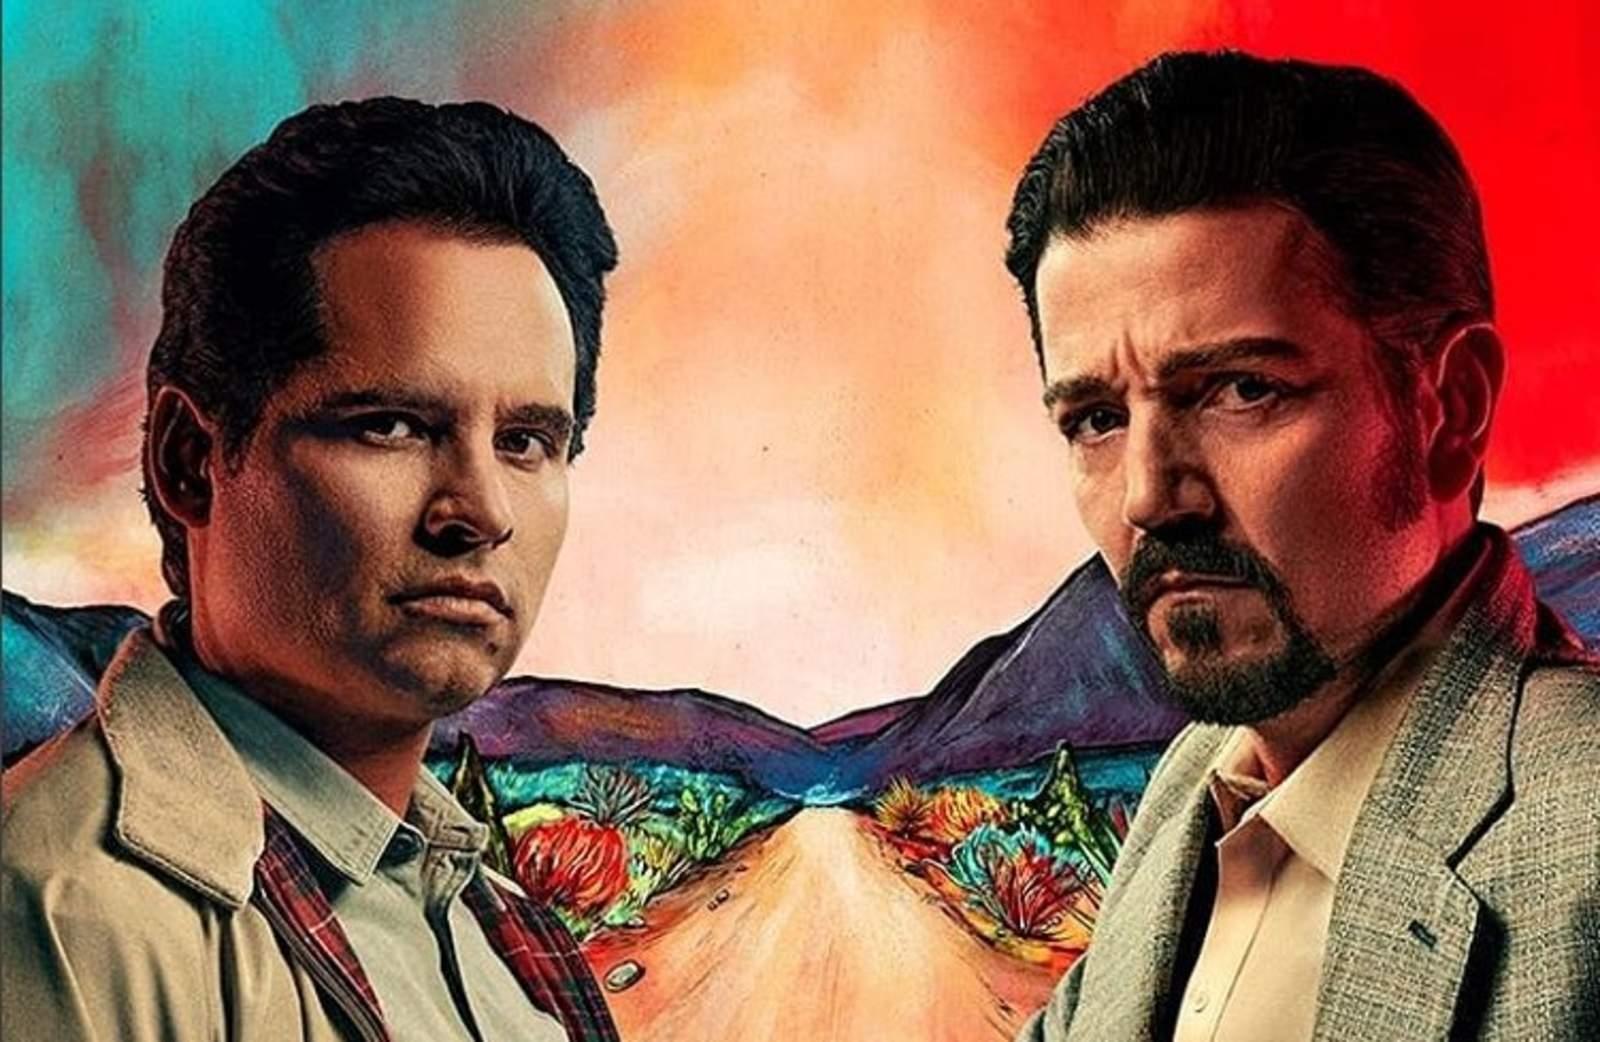 Anuncian segunda temporada de Narcos: México